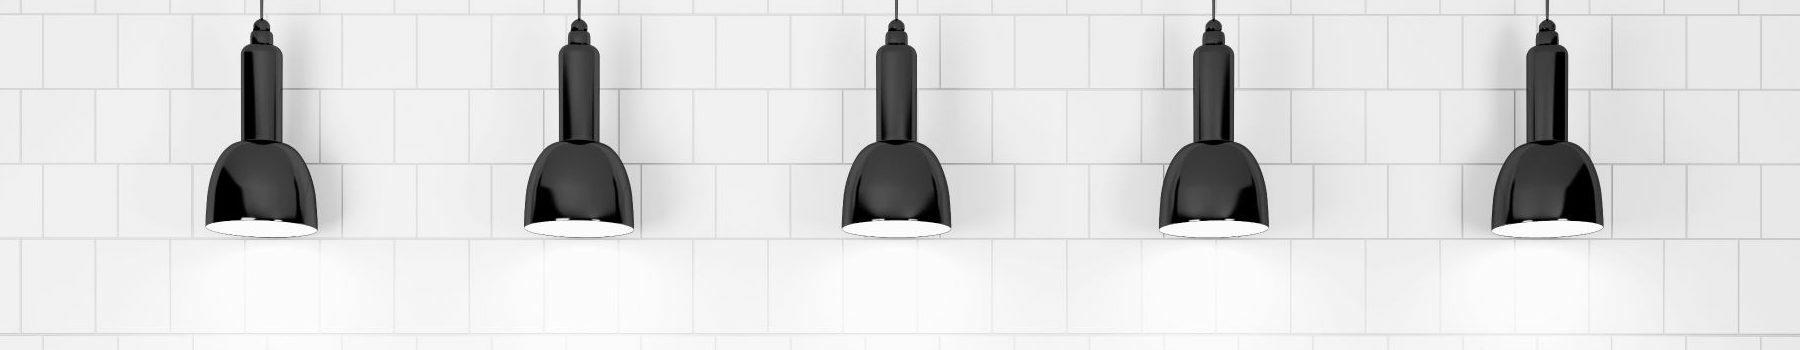 Image de lampes suspendues sur fond blanc